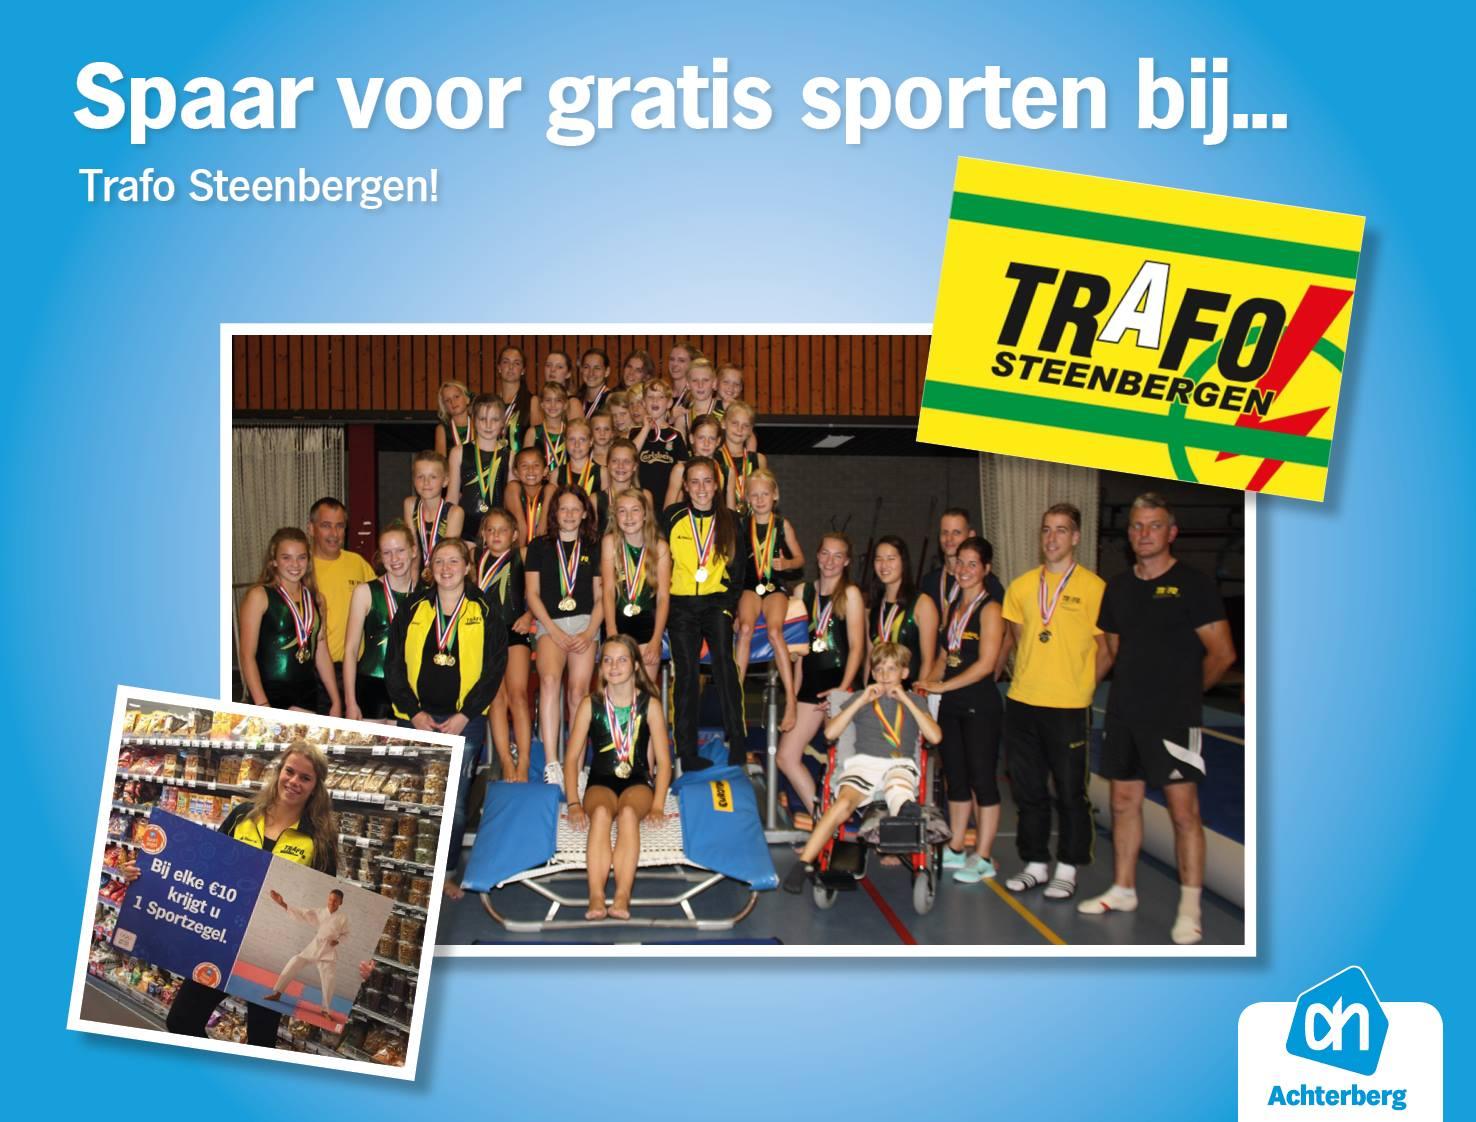 Spaar voor gratis sporten bij… Trafo Steenbergen!